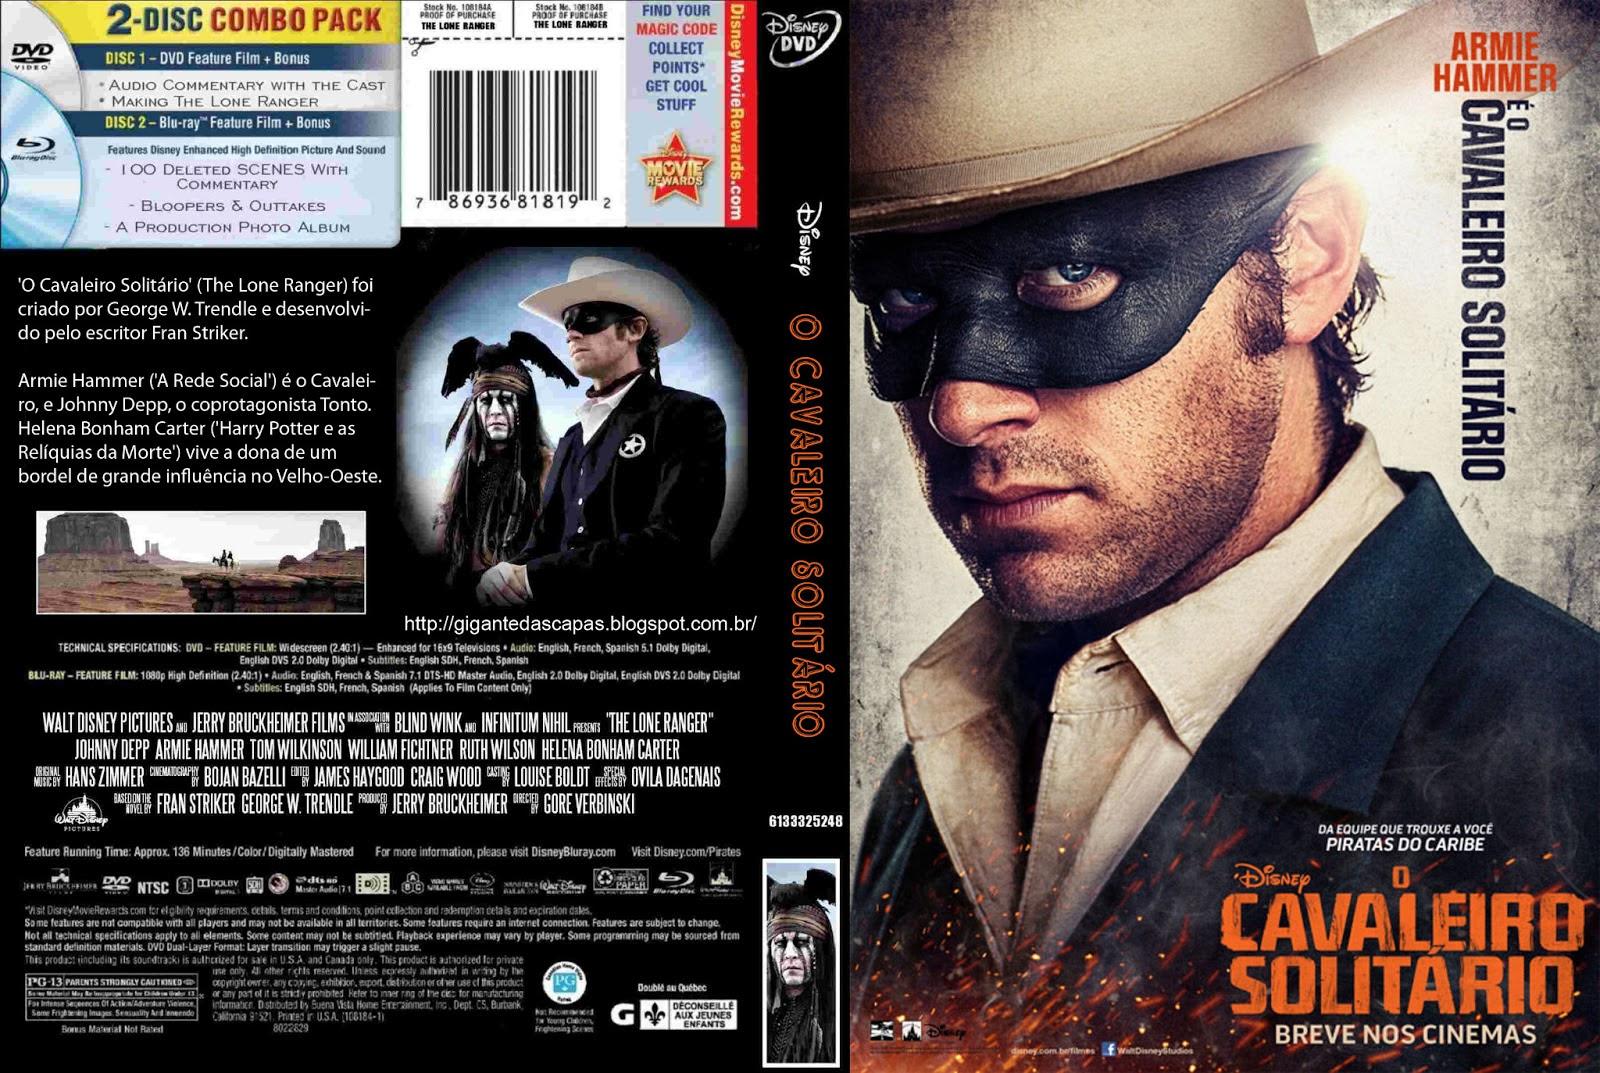 O Cavaleiro Solitário (The Lone Ranger) Torrent - Dublado (2013)